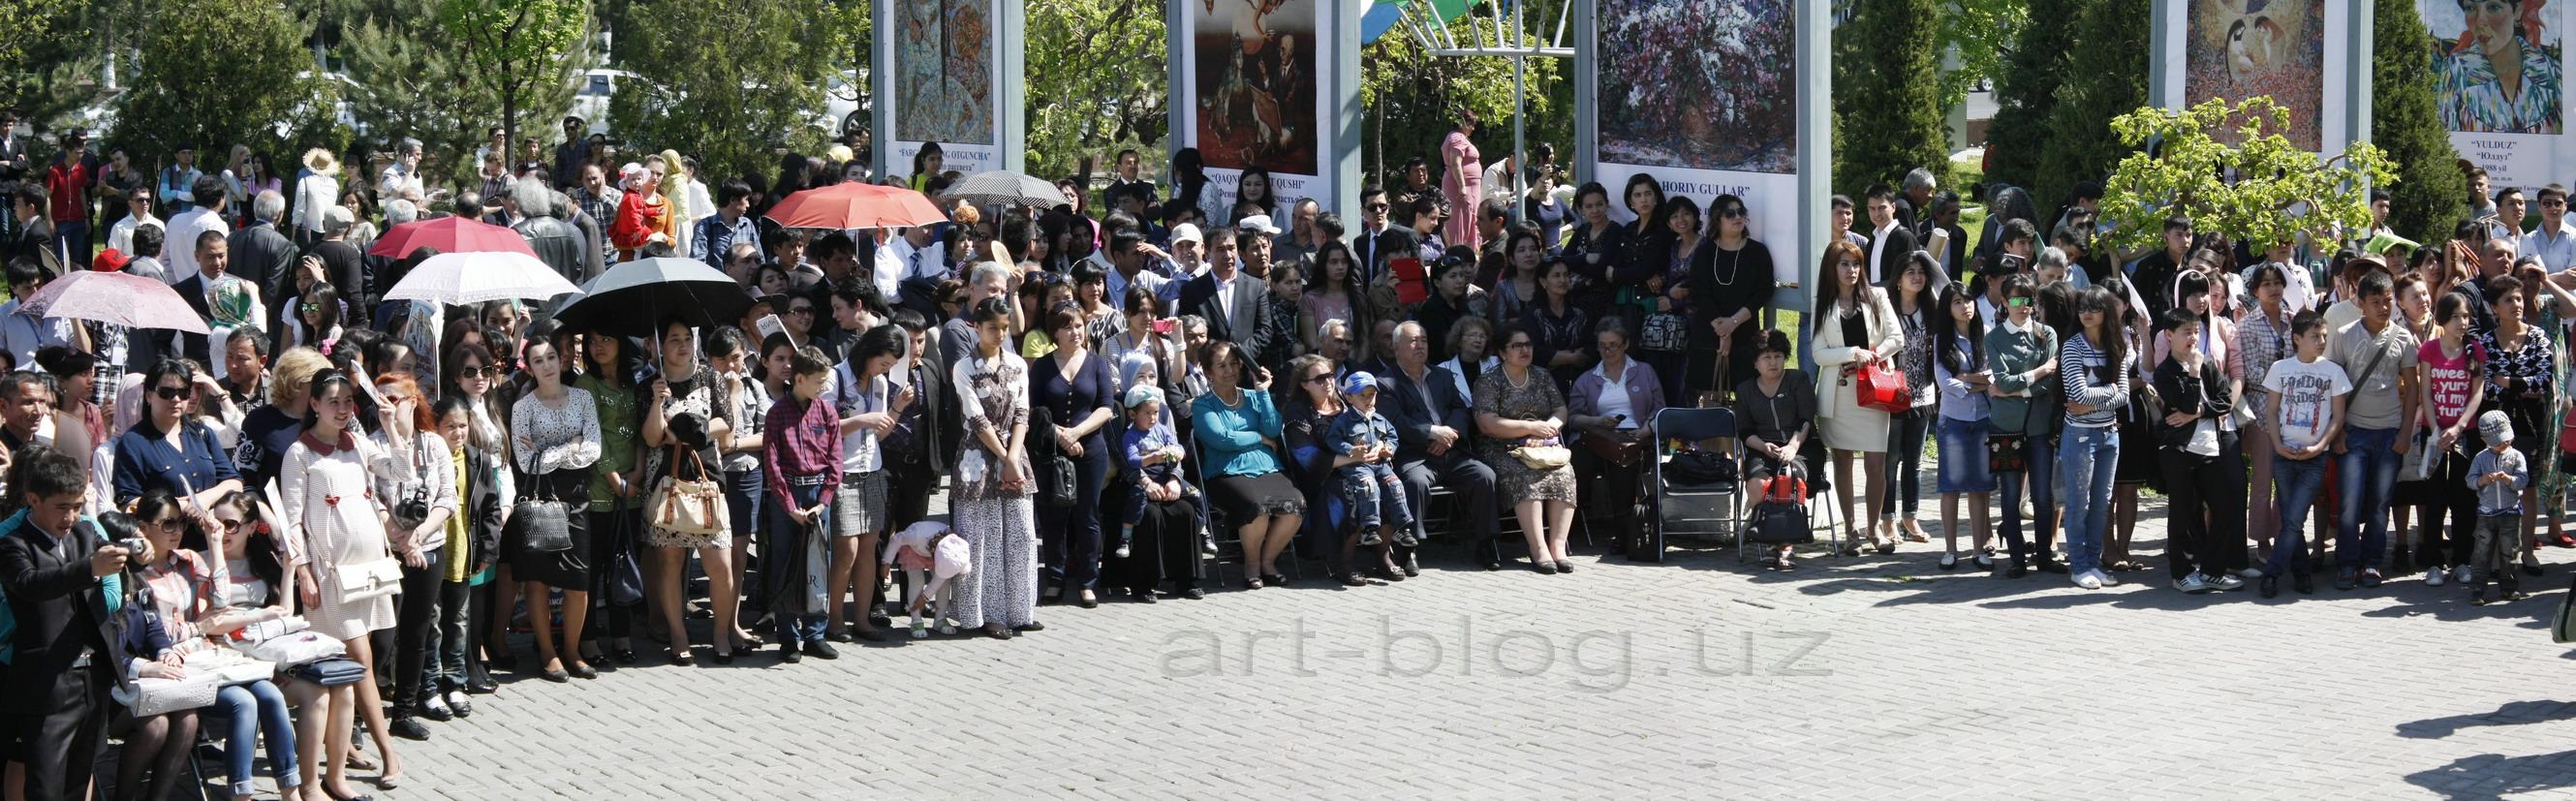 Фестиваль изобразительного искусства Узбекистана 21.04.14